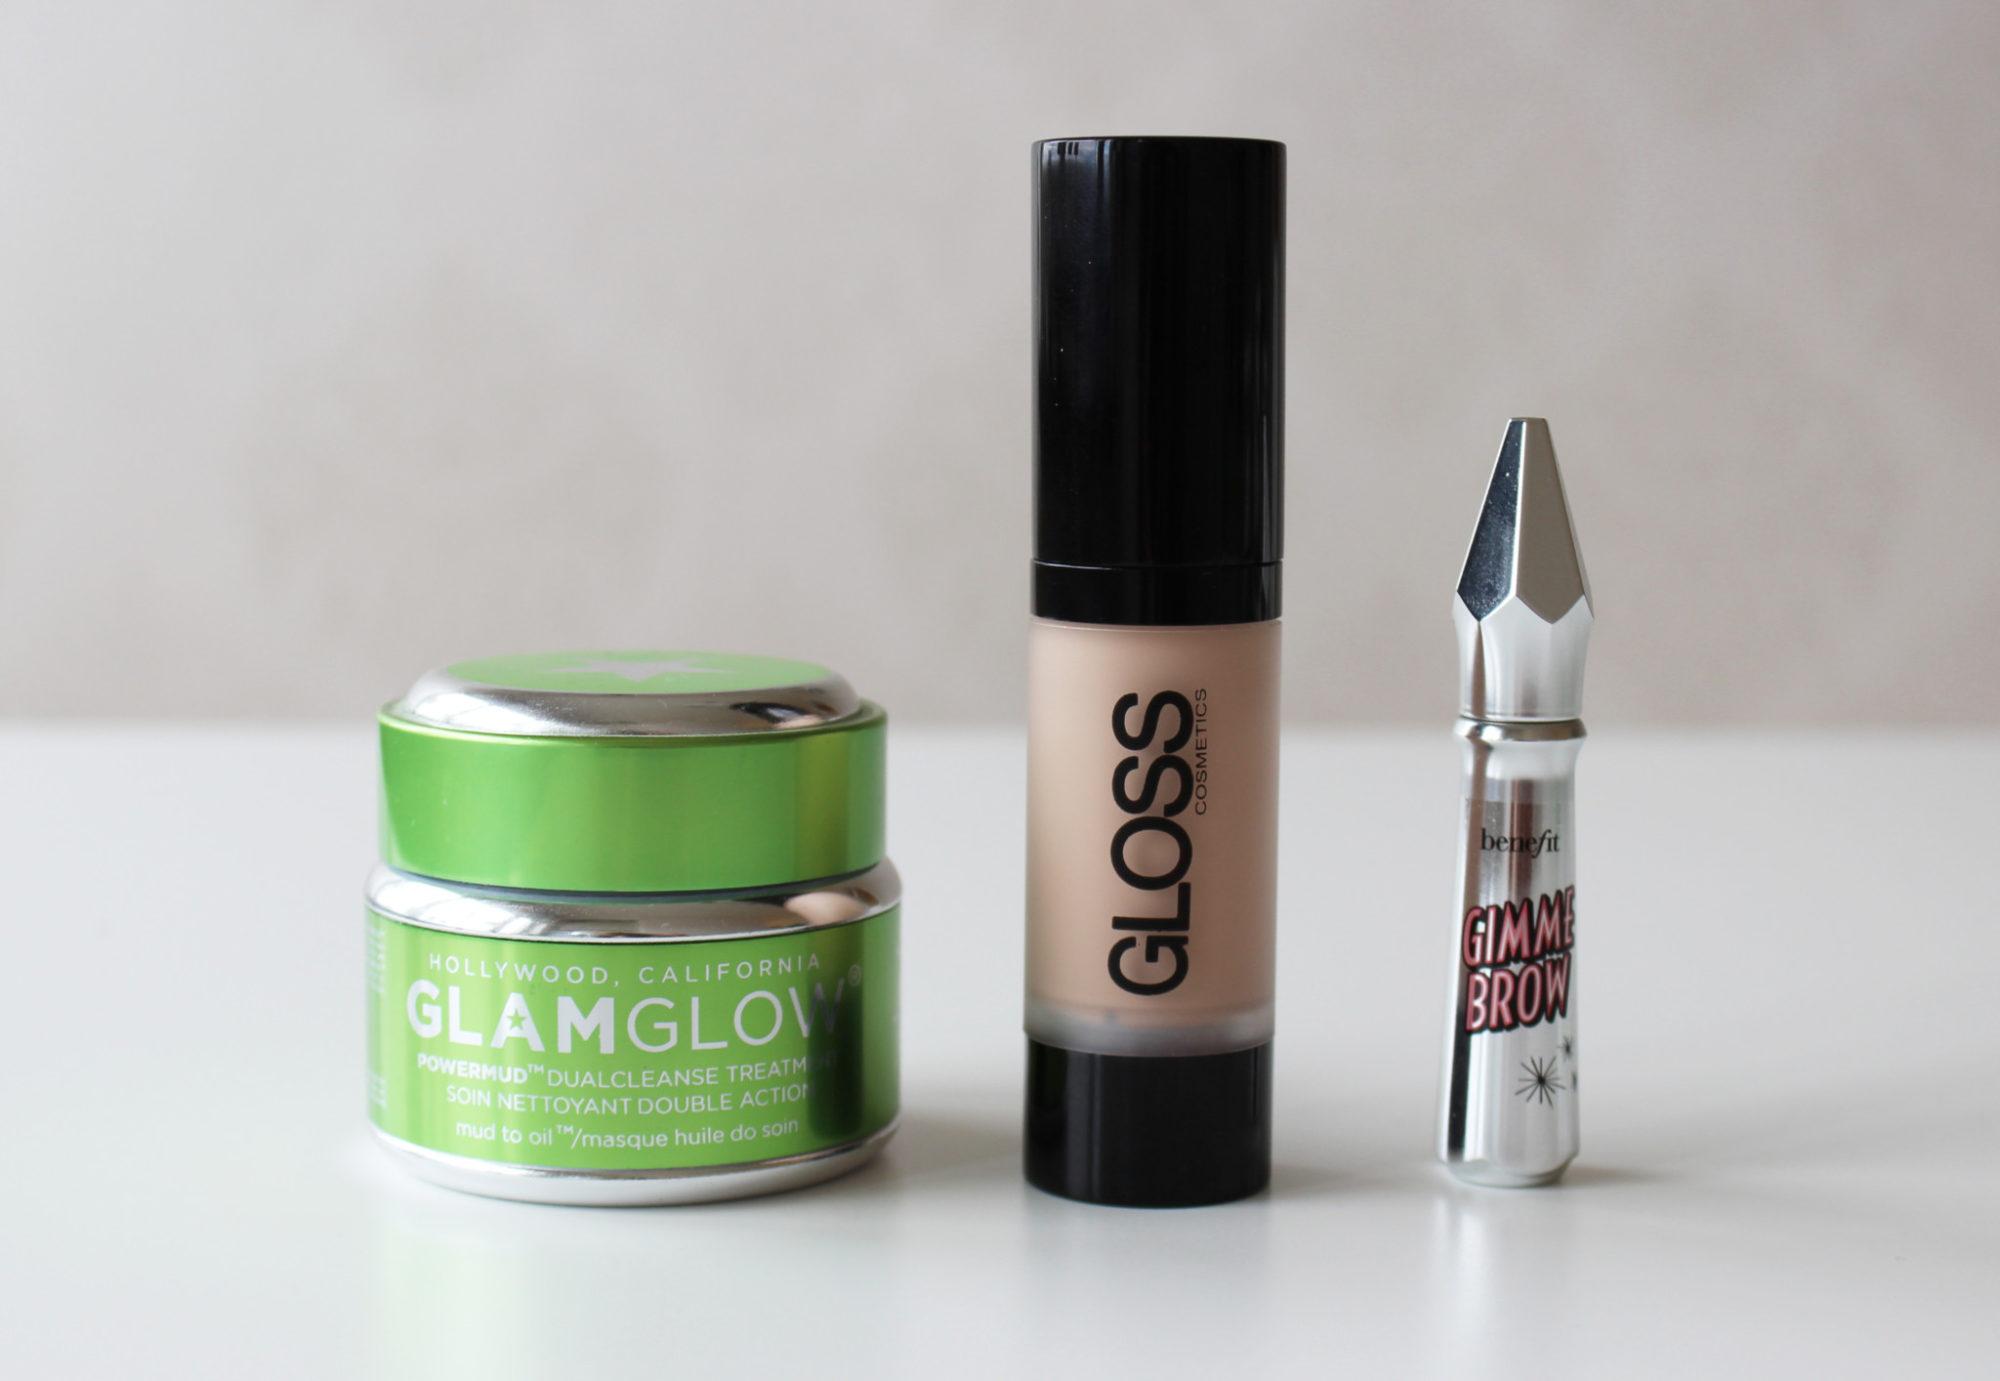 Veckans topp 3 med GlamGlow, Gloss Cosmetics och Benefit